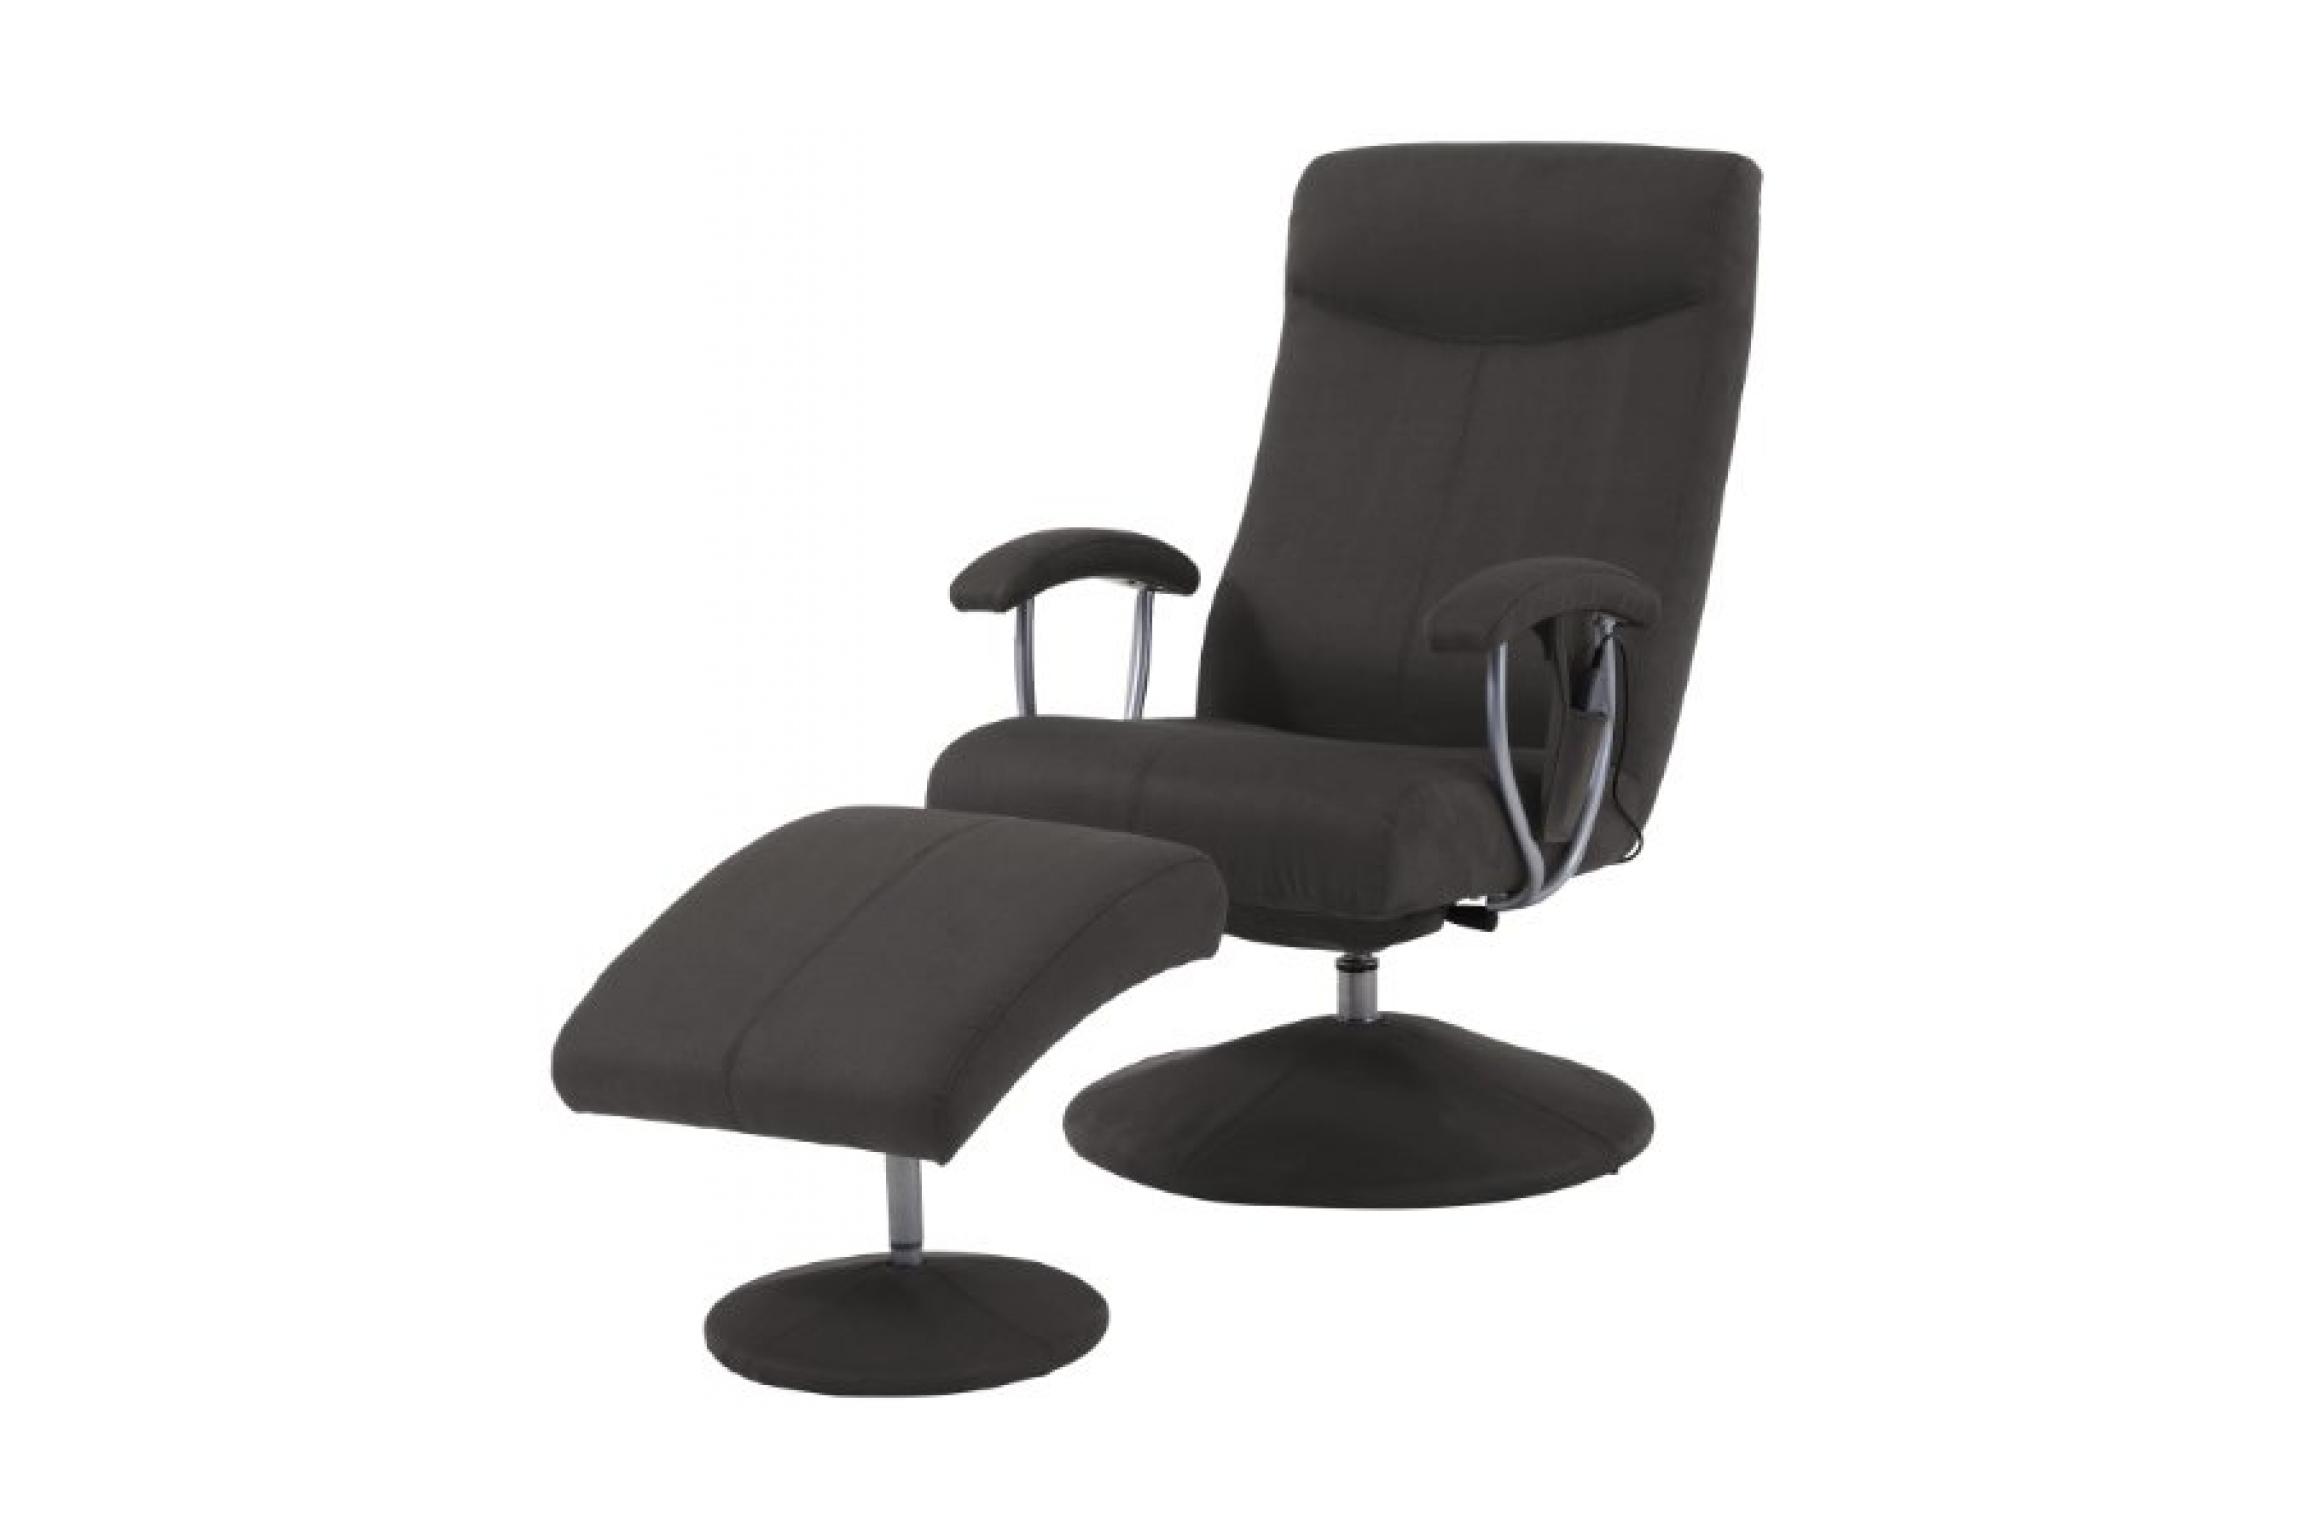 massagesessel test 2017 top 7 massagesessel expertesto. Black Bedroom Furniture Sets. Home Design Ideas